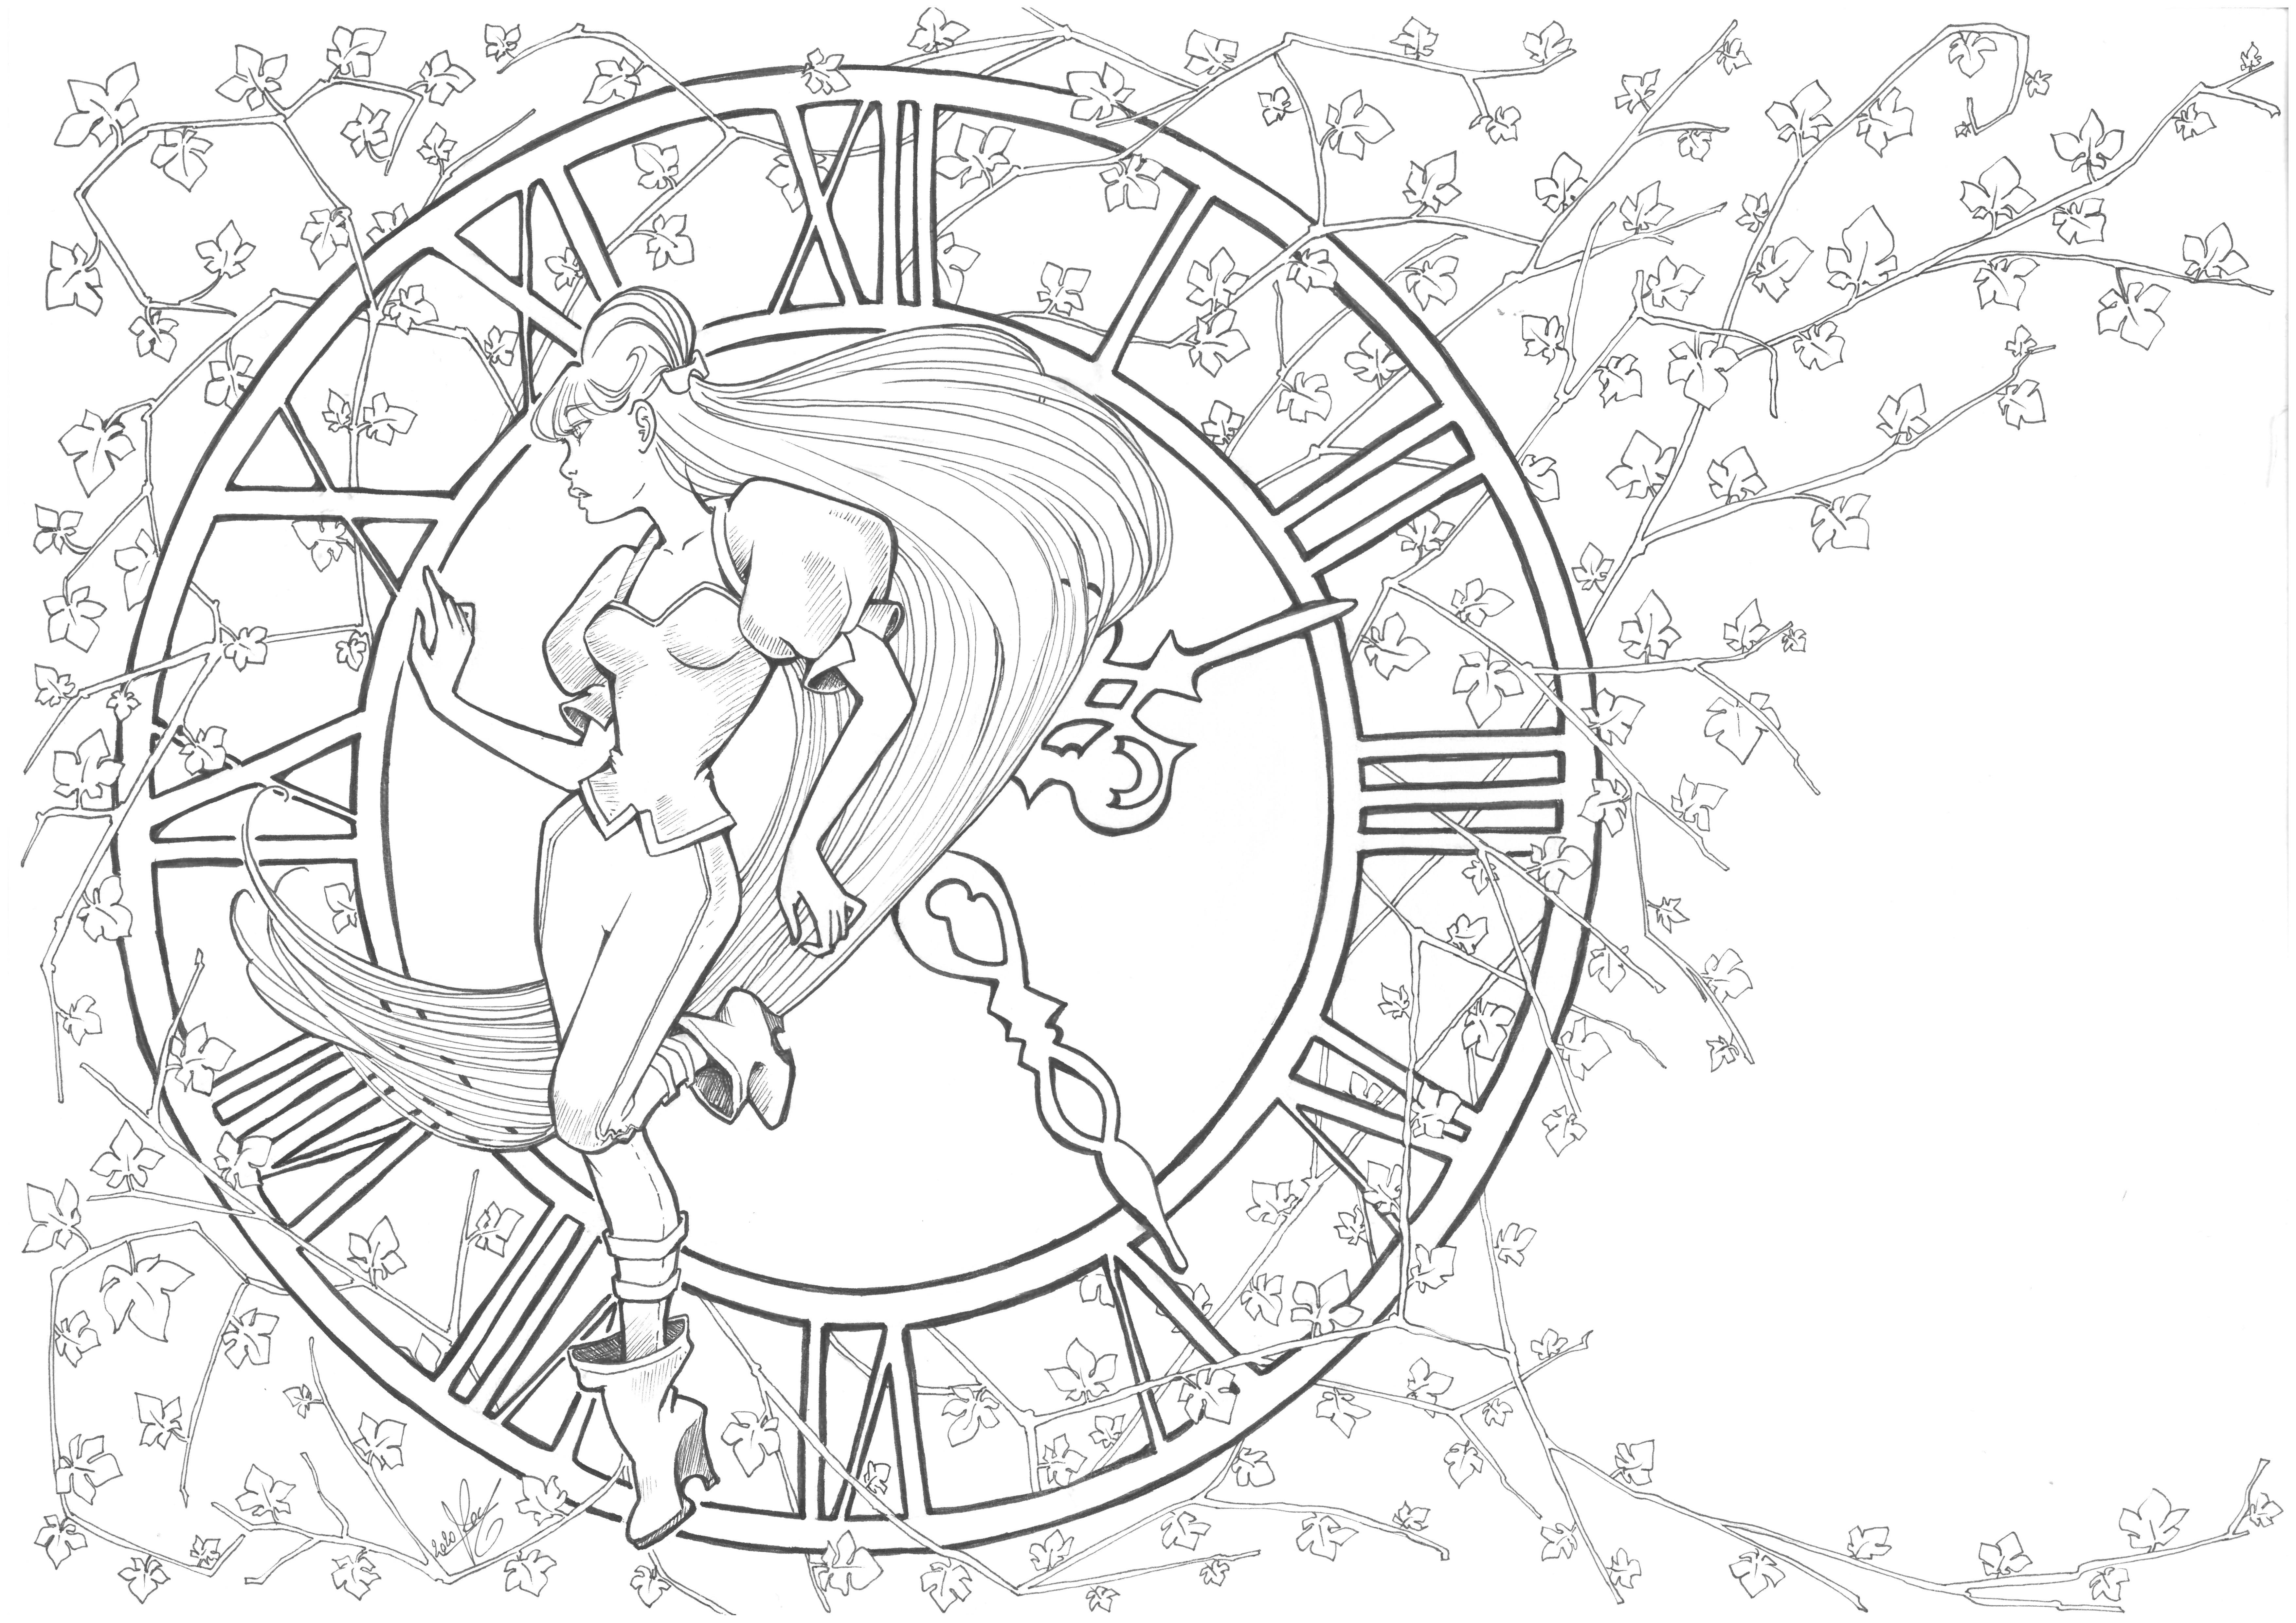 Line de l'illustration du chapitre 1 de When Time Stopped